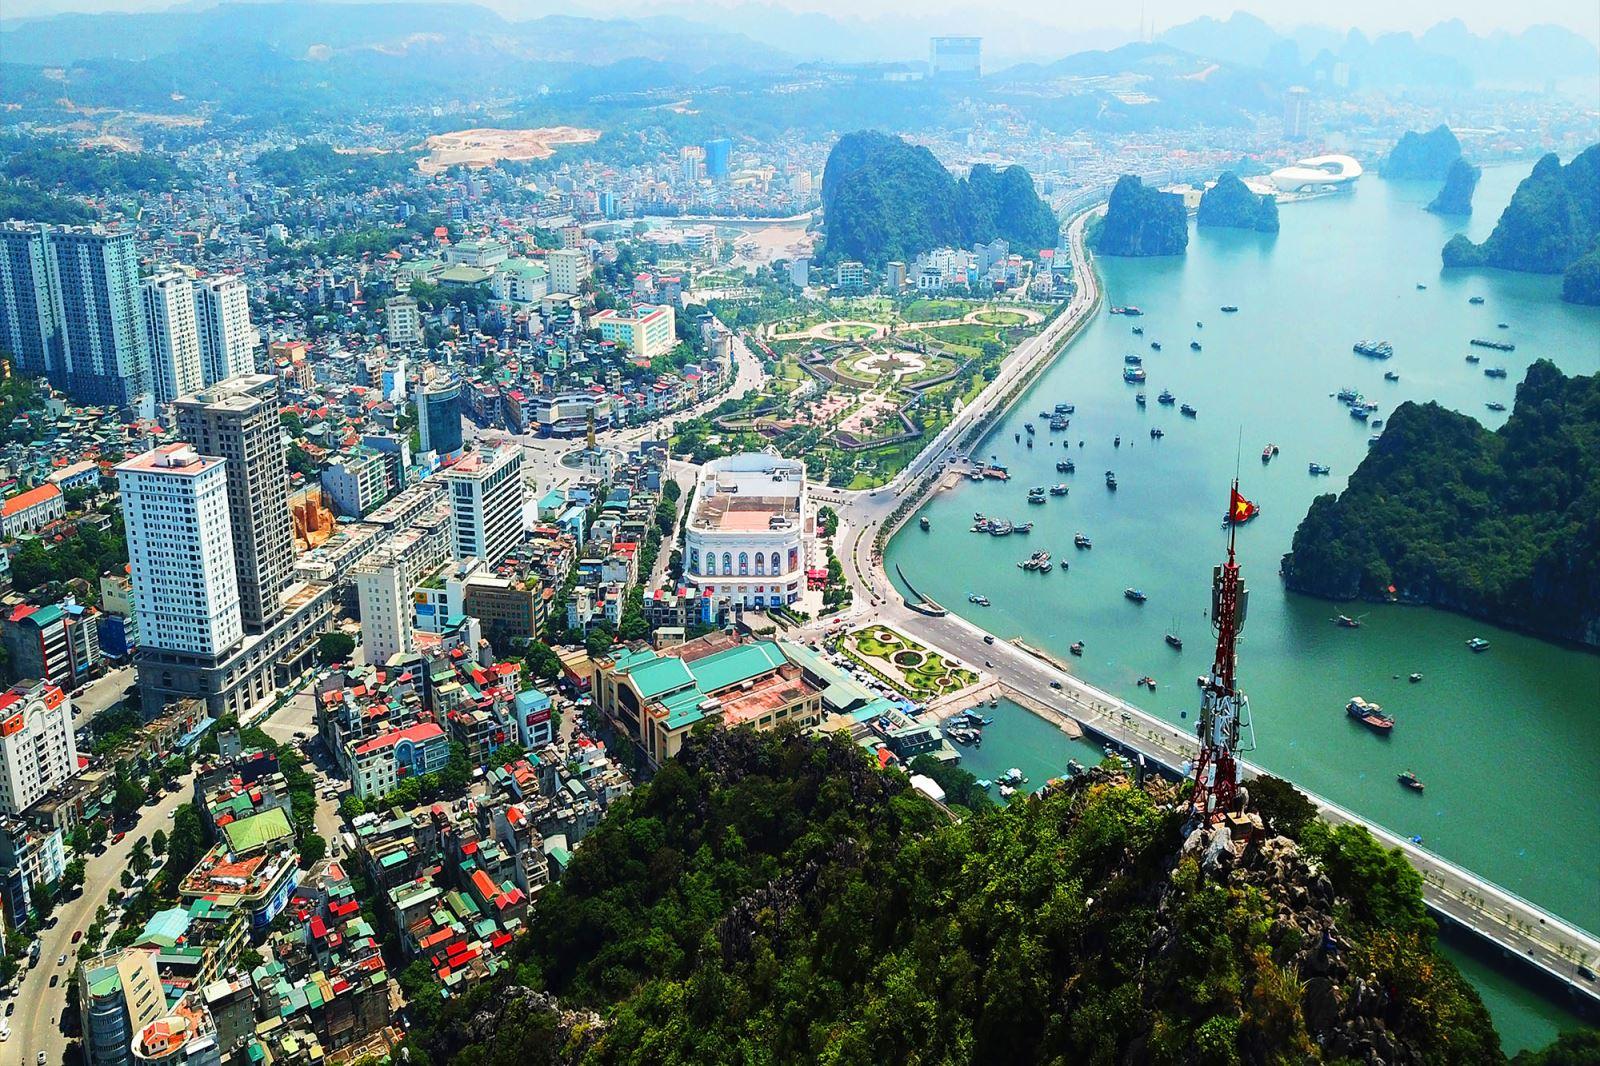 thành phố với nhiều công trình nằm ven vịnh